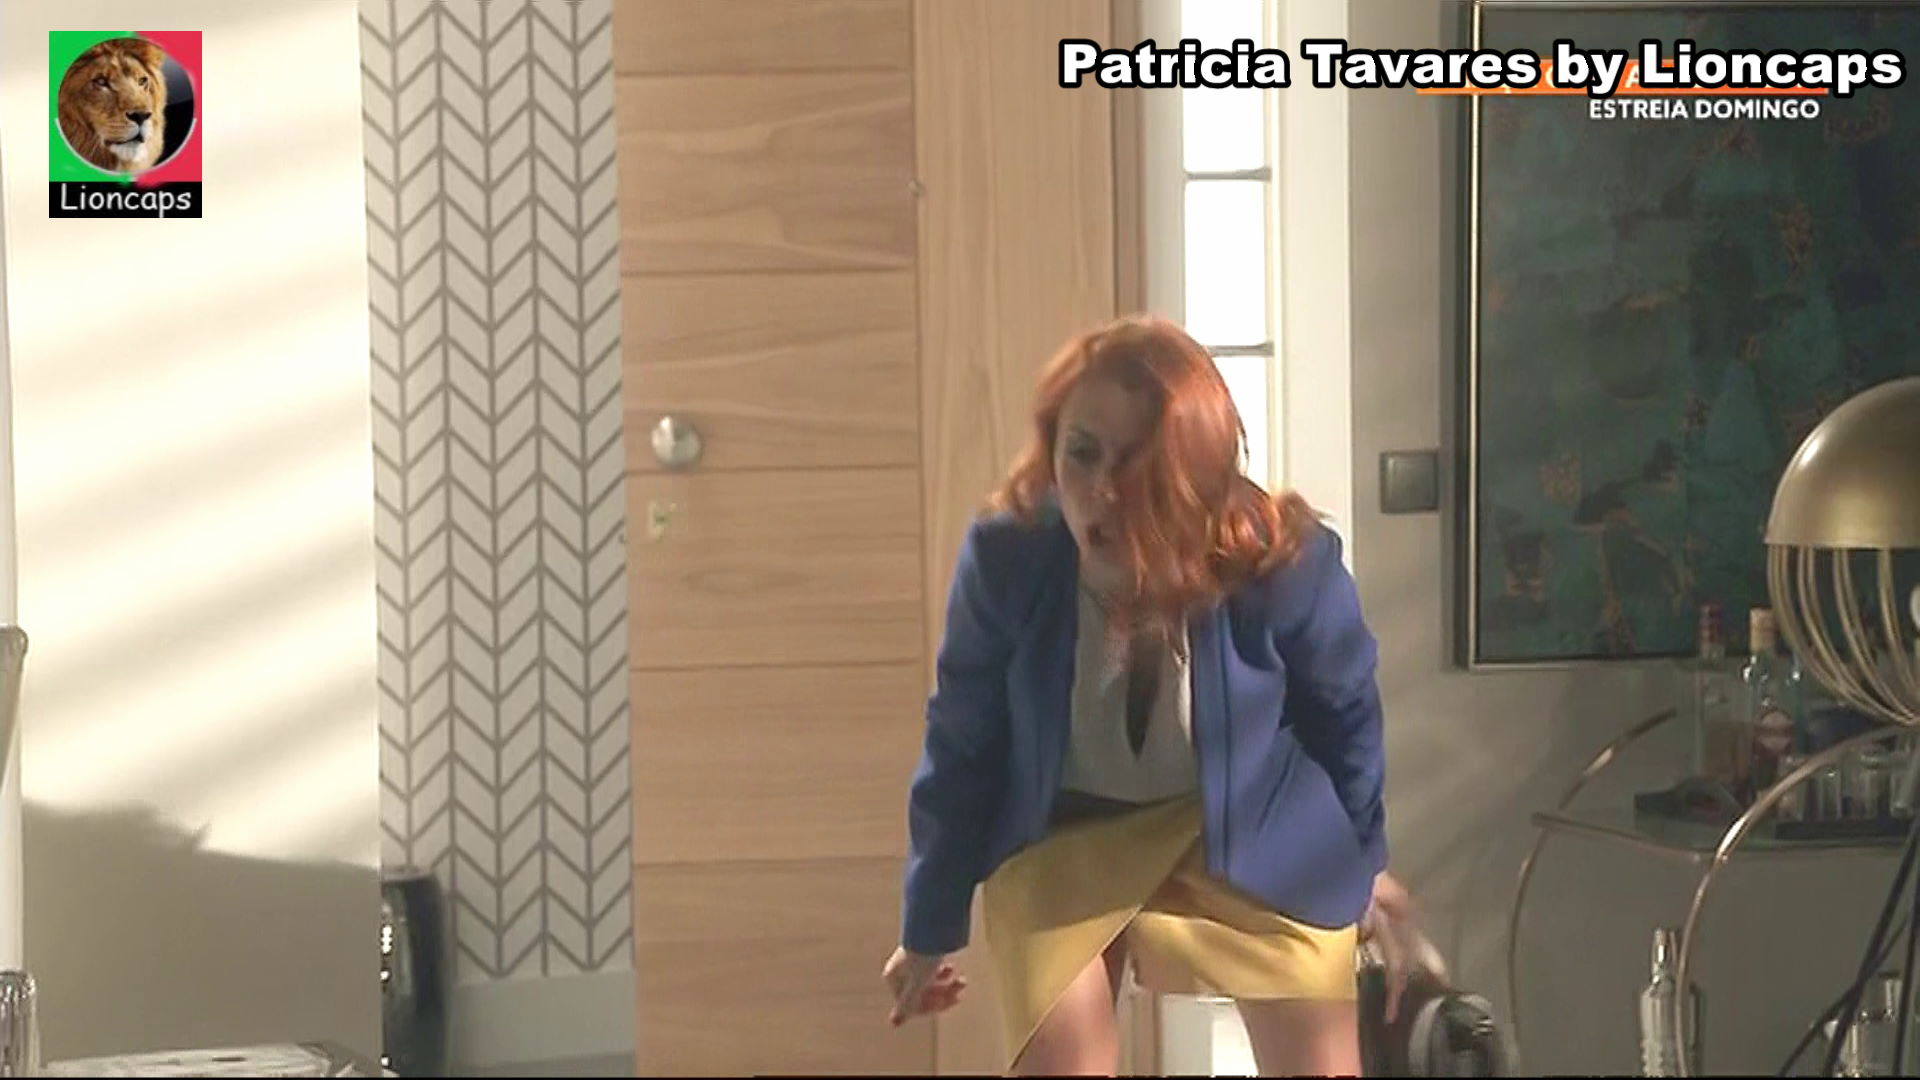 402653185_patricia_tavares_vs190113_2562_122_433lo.JPG